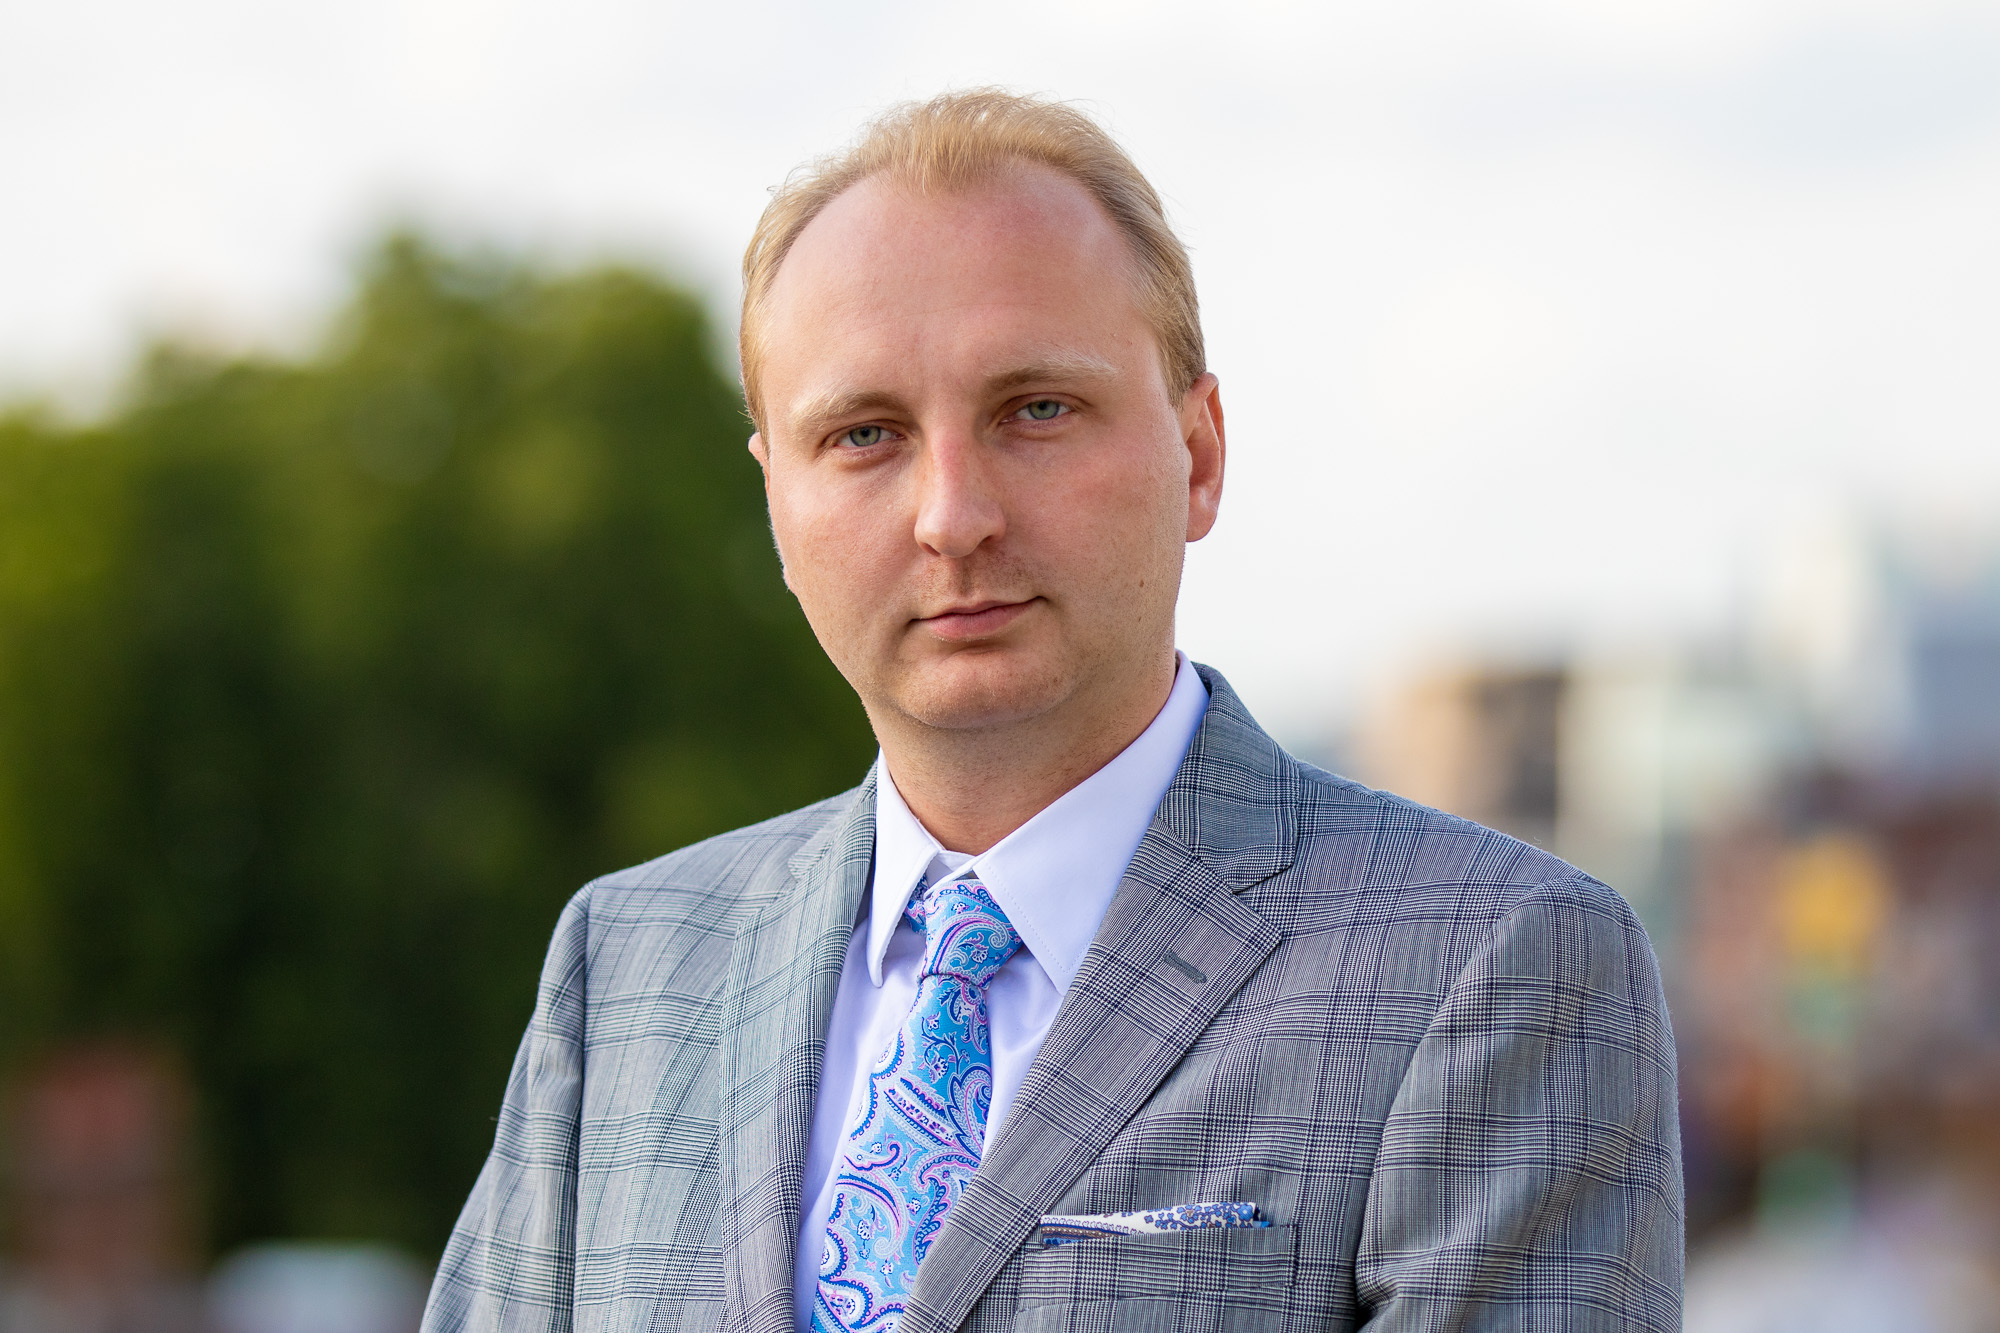 Konstantin Rzhebaev